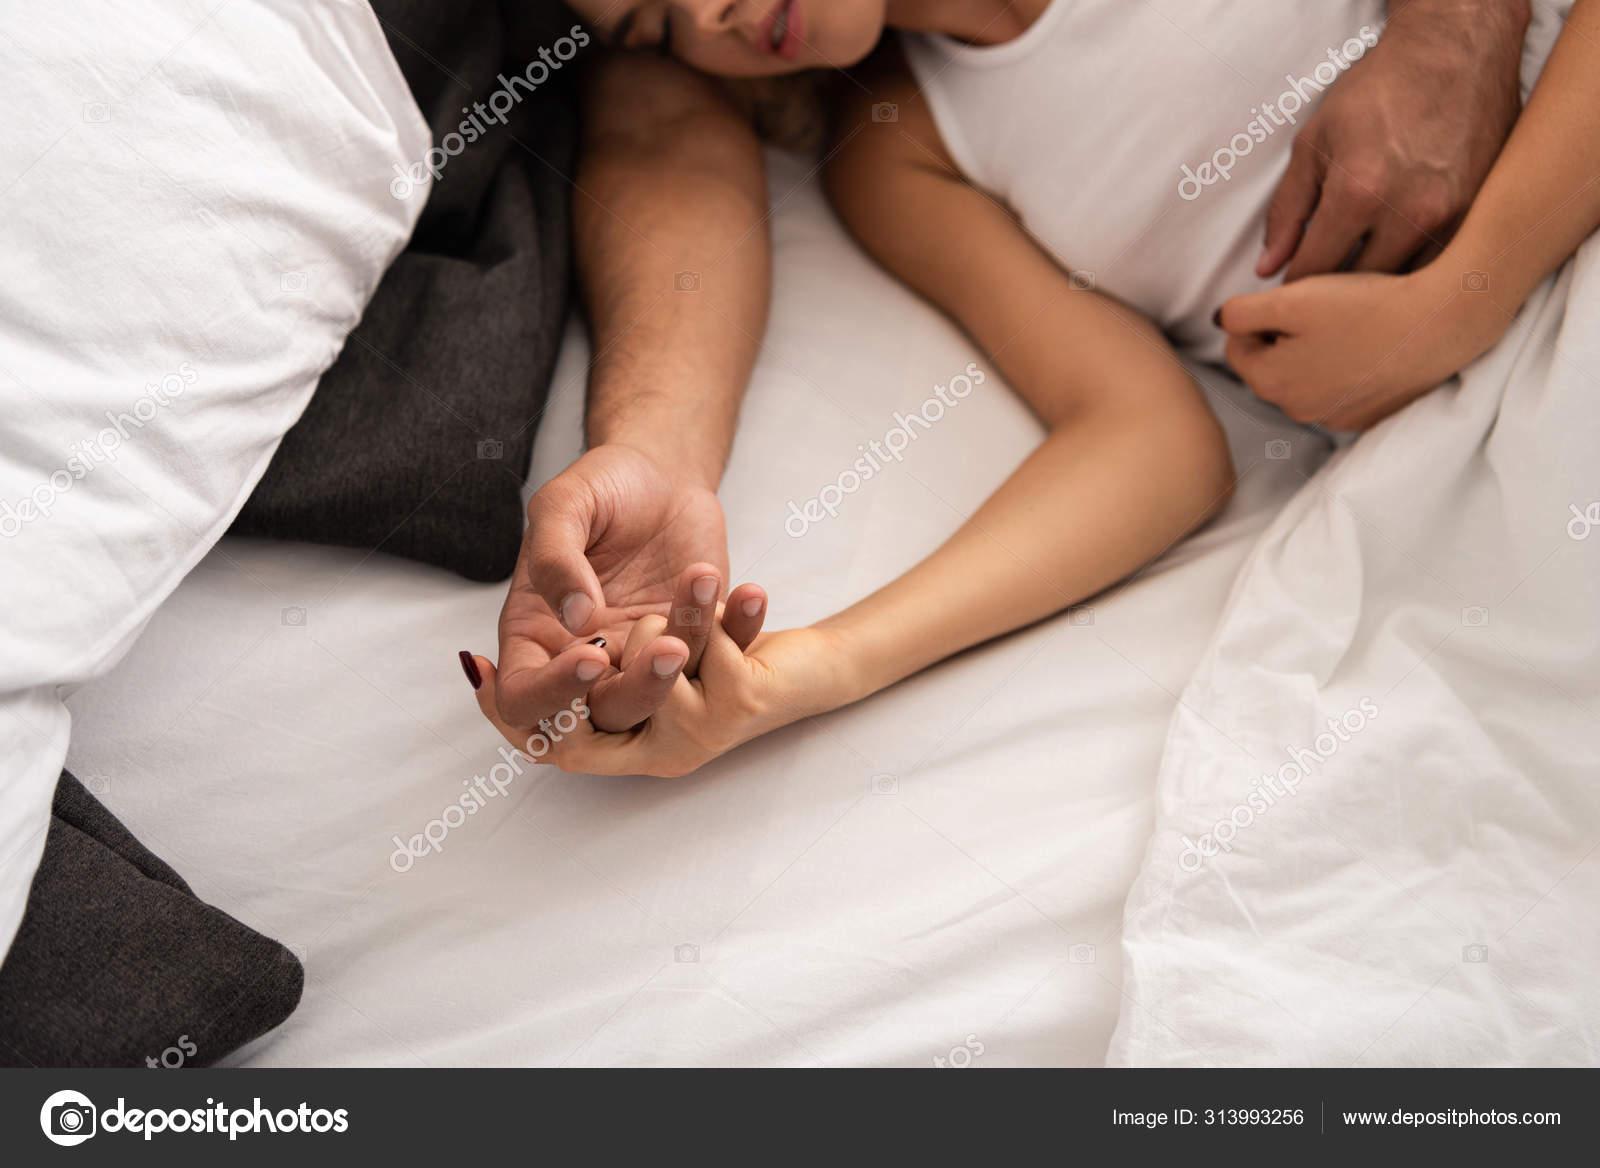 Фото спящих влюбленных пар работа для водителей девушек